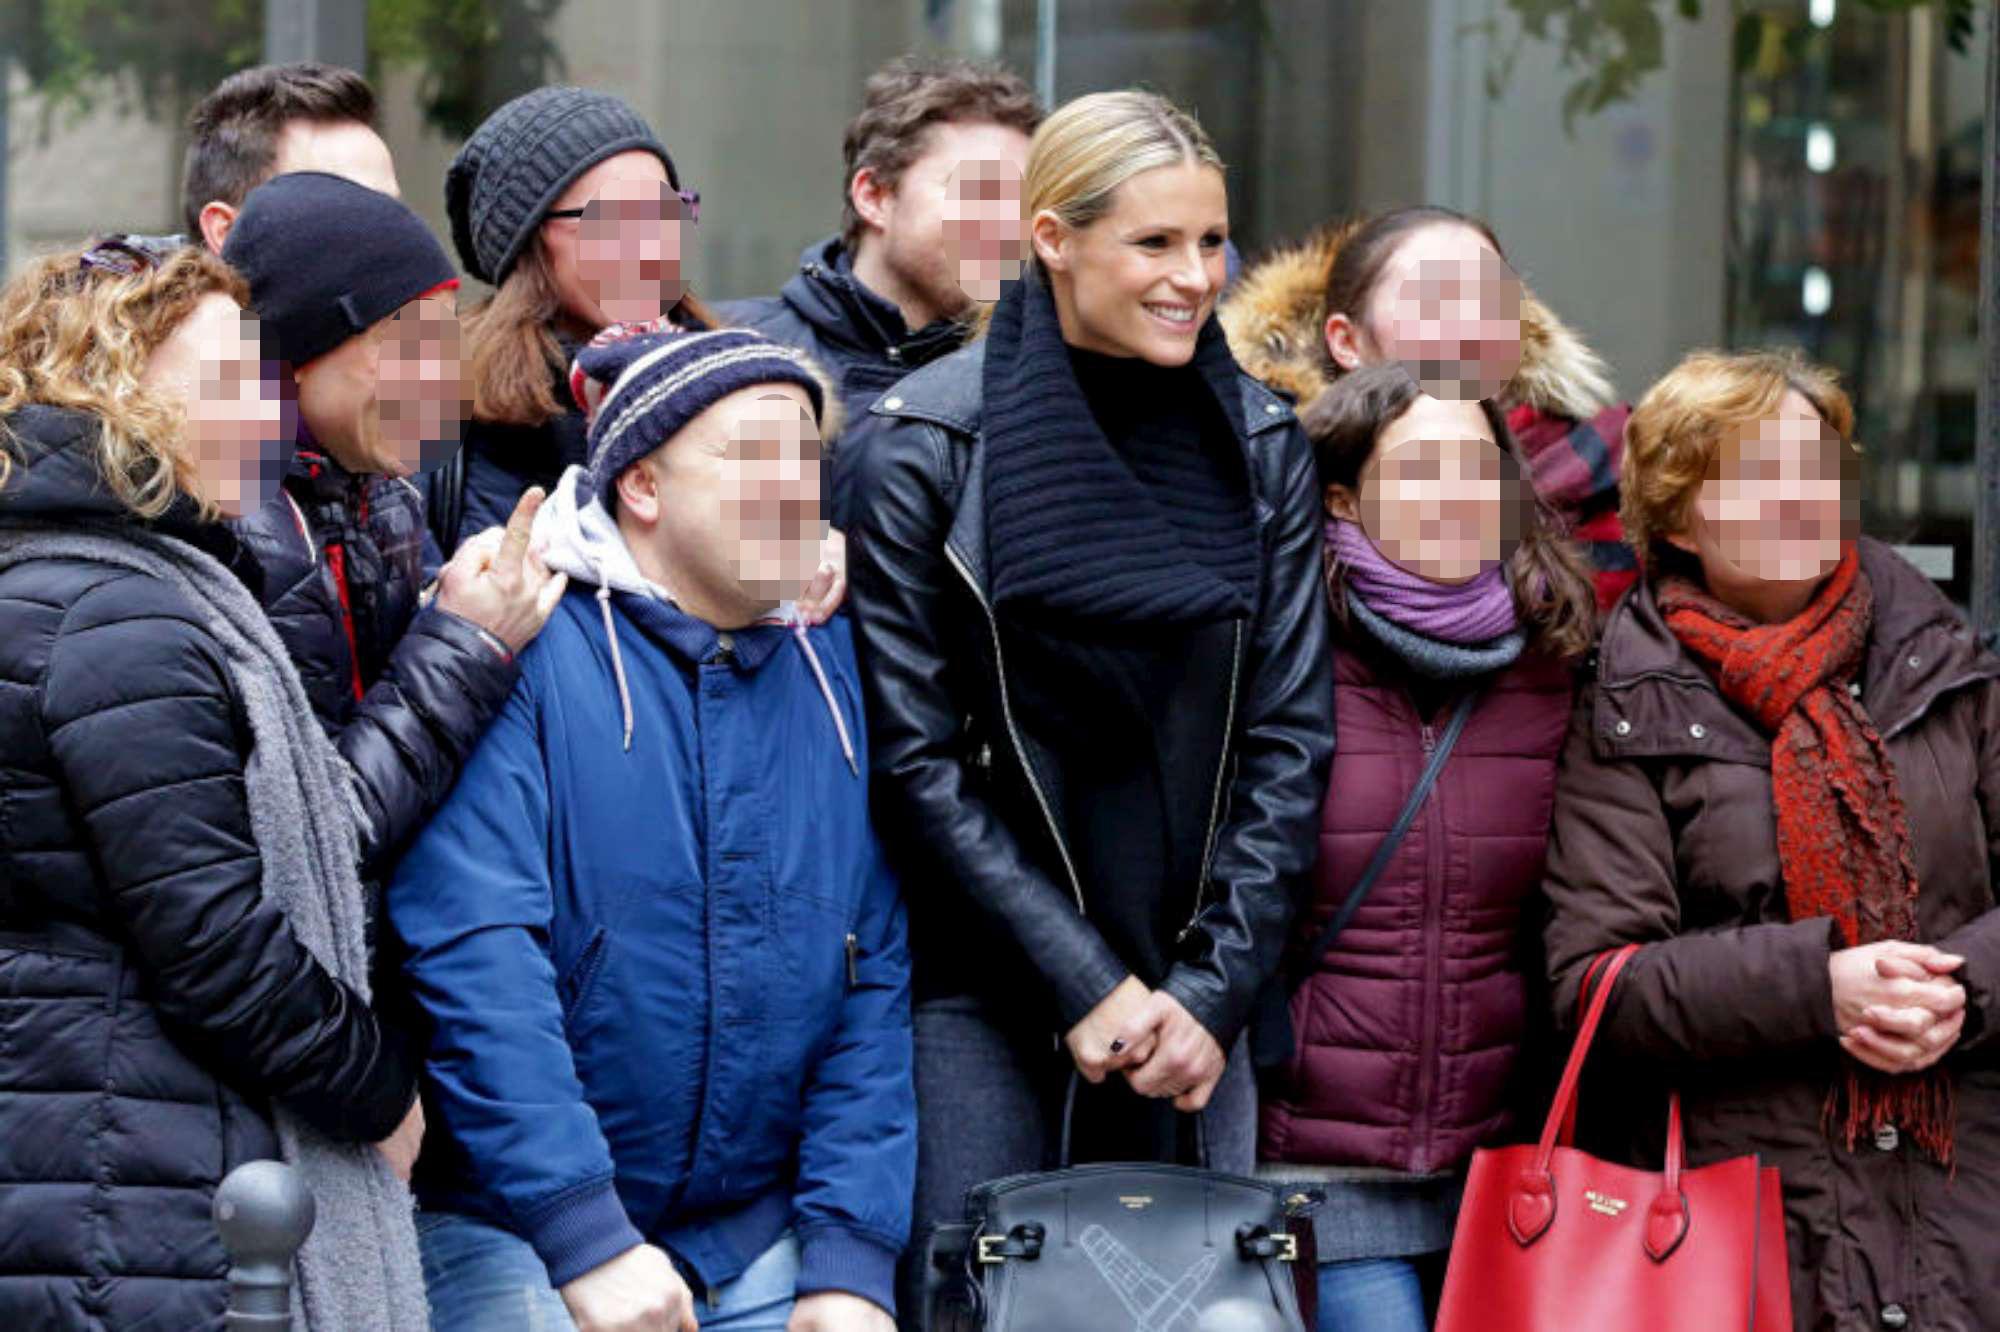 Michelle Hunziker, pranzo in famiglia e selfie di gruppo con i fan